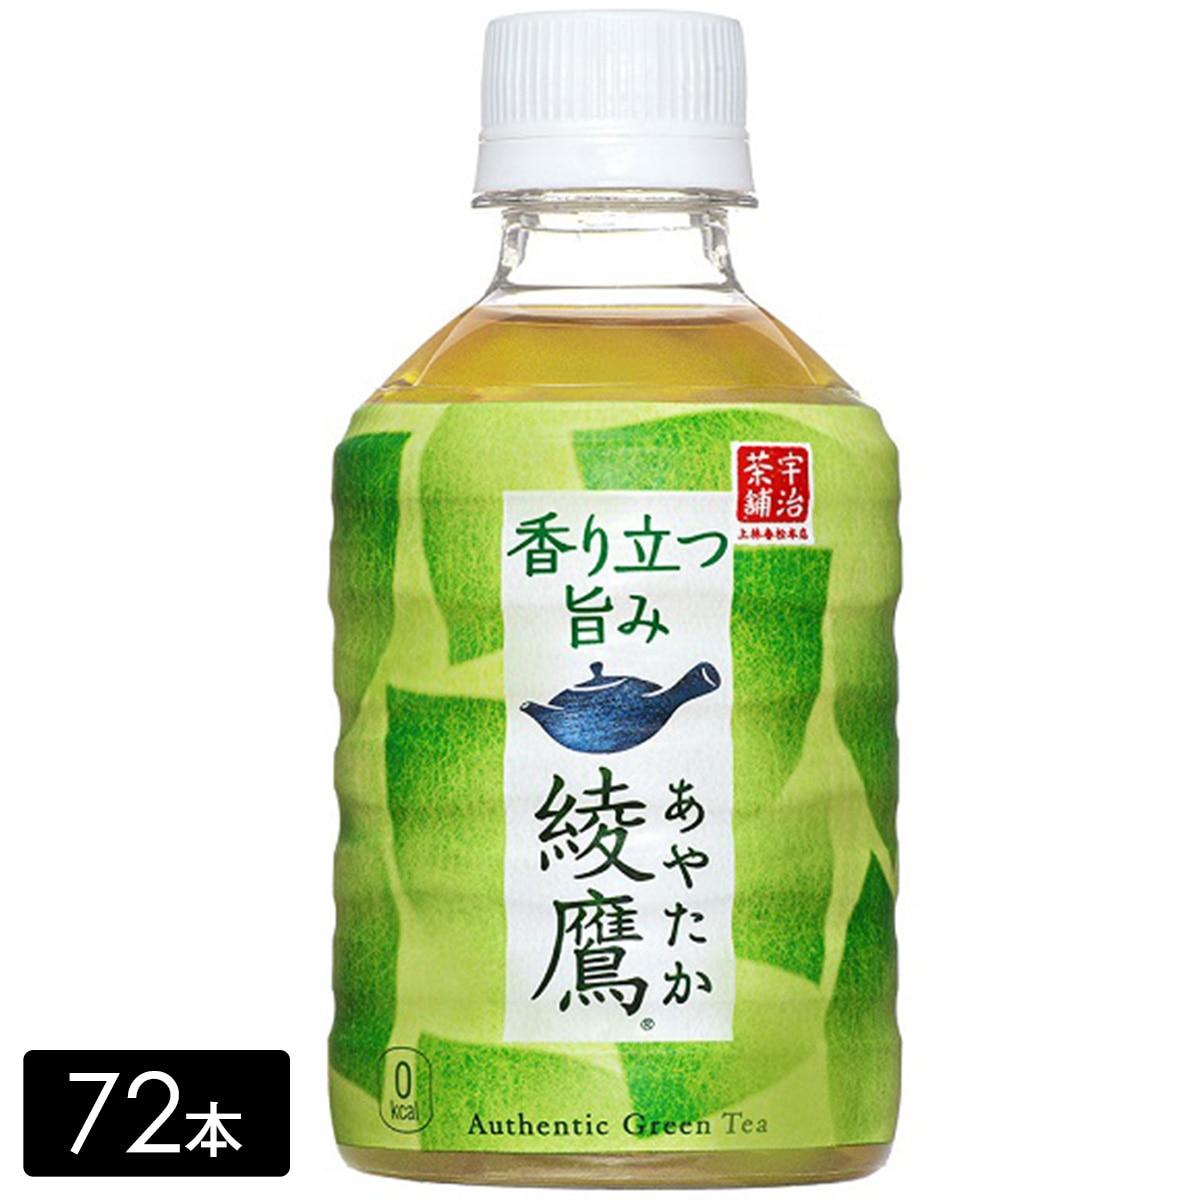 綾鷹 緑茶 280mL×72本